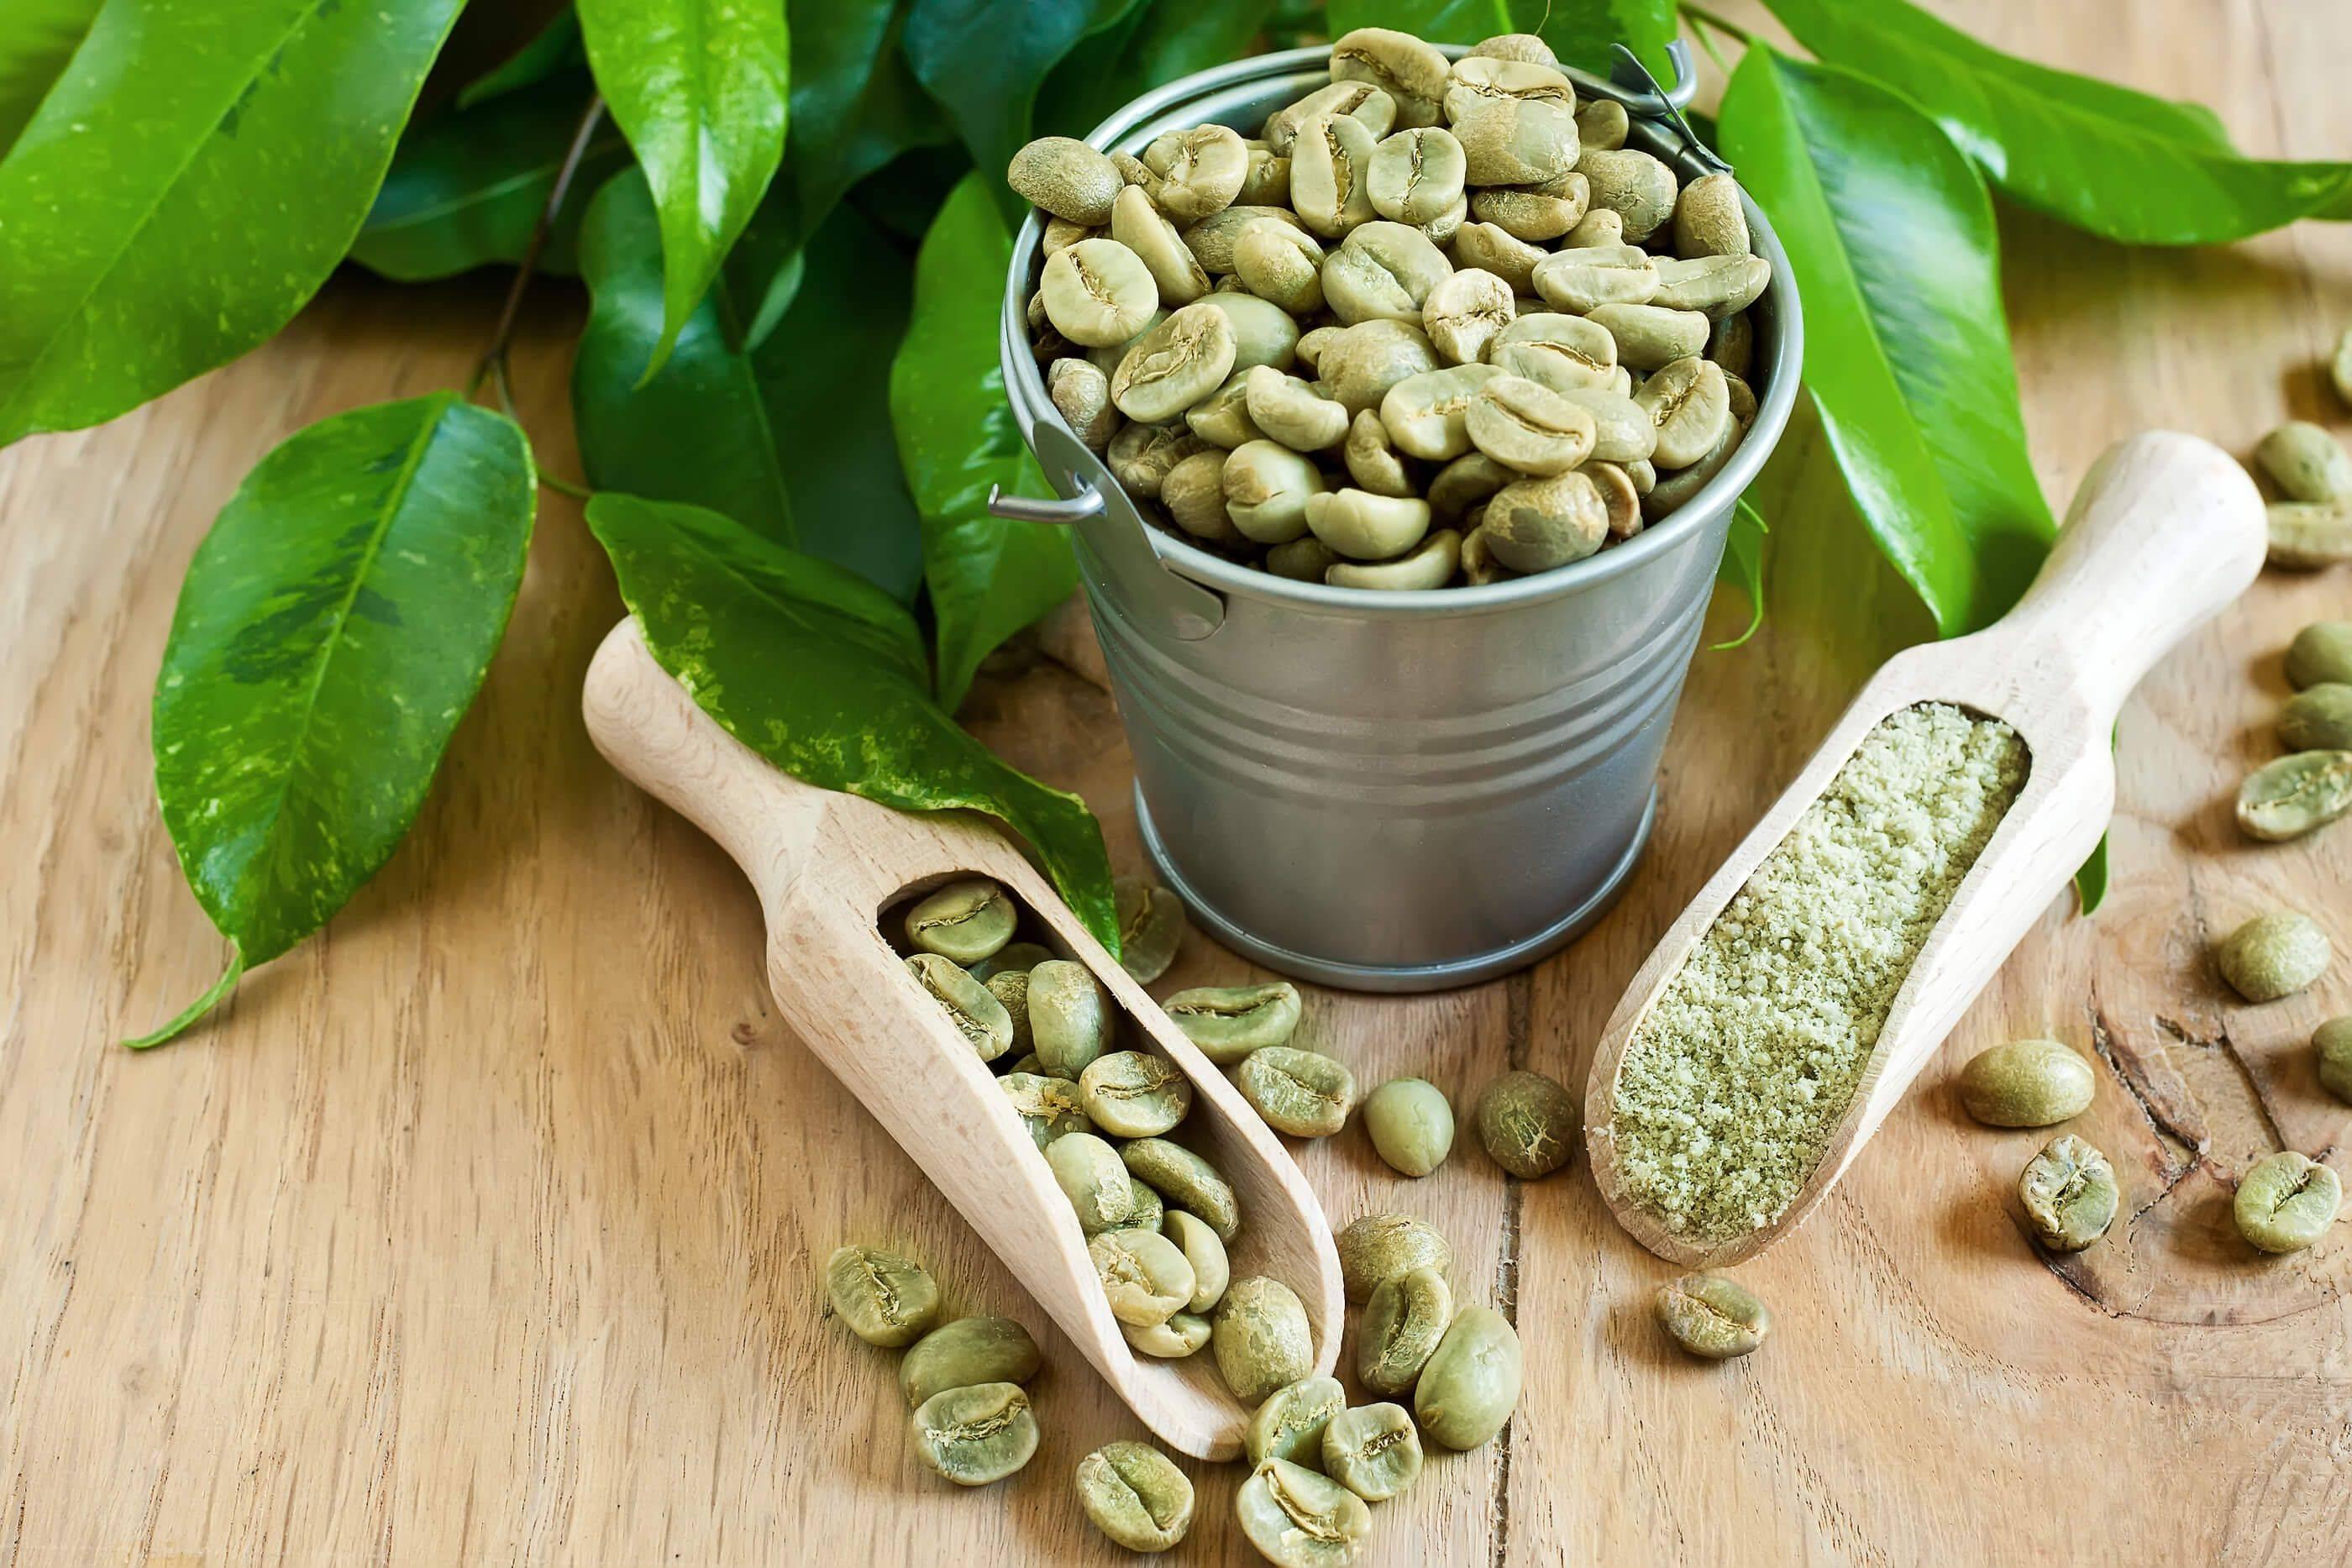 Кофе с имбирем : инструкция по применению | компетентно о здоровье на ilive